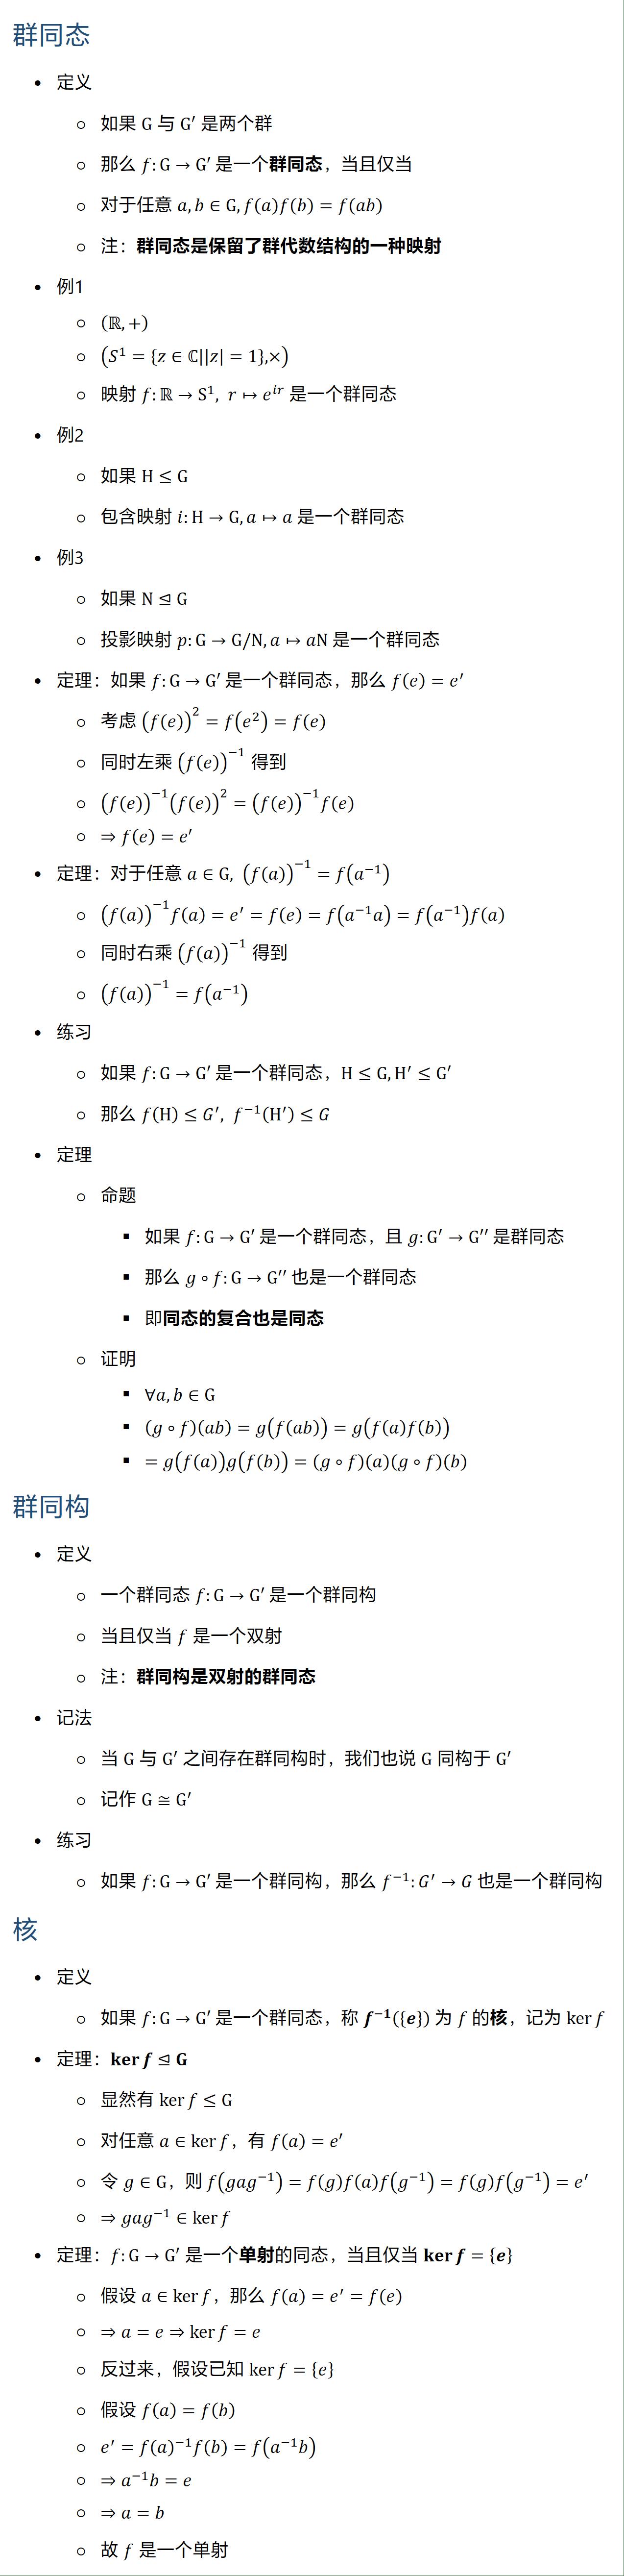 群同态 • 定义 ○ 如果 G 与 G′ 是两个群 ○ 那么 f:G→G′ 是一个群同态,当且仅当 ○ 对于任意 a,b∈G, f(a)f(b)=f(ab) ○ 注:群同态是保留了群代数结构的一种映射 • 例1 ○ (R+) ○ (S^1={z∈ℂ│|z|=1},×) ○ 映射 f:R→S^1, r↦e^ir 是一个群同态 • 例2 ○ 如果 H≤G ○ 包含映射 i:H→G, a↦a 是一个群同态 • 例3 ○ 如果 N⊴G ○ 投影映射 p:G→G\/N, a↦aN 是一个群同态 • 定理:如果 f:G→G′ 是一个群同态,那么 f(e)=e^′ ○ 考虑 (f(e))^2=f(e^2 )=f(e) ○ 同时左乘 (f(e))^(−1) 得到 ○ (f(e))^(−1) (f(e))^2=(f(e))^(−1) f(e) ○ ⇒f(e)=e′ • 定理:对于任意 a∈G, (f(a))^(−1)=f(a^(−1) ) ○ (f(a))^(−1) f(a)=e^′=f(e)=f(a^(−1) a)=f(a^(−1) )f(a) ○ 同时右乘 (f(a))^(−1) 得到 ○ (f(a))^(−1)=f(a^(−1) ) • 练习 ○ 如果 f:G→G′ 是一个群同态,H≤G, H^′≤G′ ○ 那么 f(H)≤G^′, f^(−1) (H^′ )≤G • 定理 ○ 命题 § 如果 f:G→G′ 是一个群同态,且 g:G^′→G′′ 是群同态 § 那么 g∘f:G→G′′ 也是一个群同态 § 即同态的复合也是同态 ○ 证明 § ∀a,b∈G § (g∘f)(ab)=g(f(ab))=g(f(a)f(b)) § =g(f(a))g(f(b))=(g∘f)(a)(g∘f)(b) 群同构 • 定义 ○ 一个群同态 f:G→G′ 是一个群同构 ○ 当且仅当 f 是一个双射 ○ 注:群同构是双射的群同态 • 记法 ○ 当 G 与 G′ 之间存在群同构时,我们也说 G 同构于 G′ ○ 记作 G≅G^′ • 练习 ○ 如果 f:G→G′ 是一个群同构,那么 f^(−1):G^′→G 也是一个群同构 核 • 定义 ○ 如果 f:G→G′ 是一个群同态,称 f^(−1) ({e}) 为 f 的核,记为 kerf • 定理:kerf⊴G ○ 显然有 kerf≤G ○ 对任意 a∈kerf,有 f(a)=e′ ○ 令 g∈G,则 f(〖gag〗^(−1) )=f(g)f(a)f(g^(−1) )=f(g)f(g^(−1) )=e^′ ○ ⇒〖gag〗^(−1)∈kerf • 定理:f:G→G′ 是一个单射的同态,当且仅当 kerf={e} ○ 假设 a∈kerf,那么 f(a)=e^′=f(e) ○ ⇒a=e⇒kerf=e ○ 反过来,假设已知 kerf={e} ○ 假设 f(a)=f(b) ○ e^′=f(a)^(−1) f(b)=f(a^(−1) b) ○ ⇒a^(−1) b=e ○ ⇒a=b ○ 故 f 是一个单射